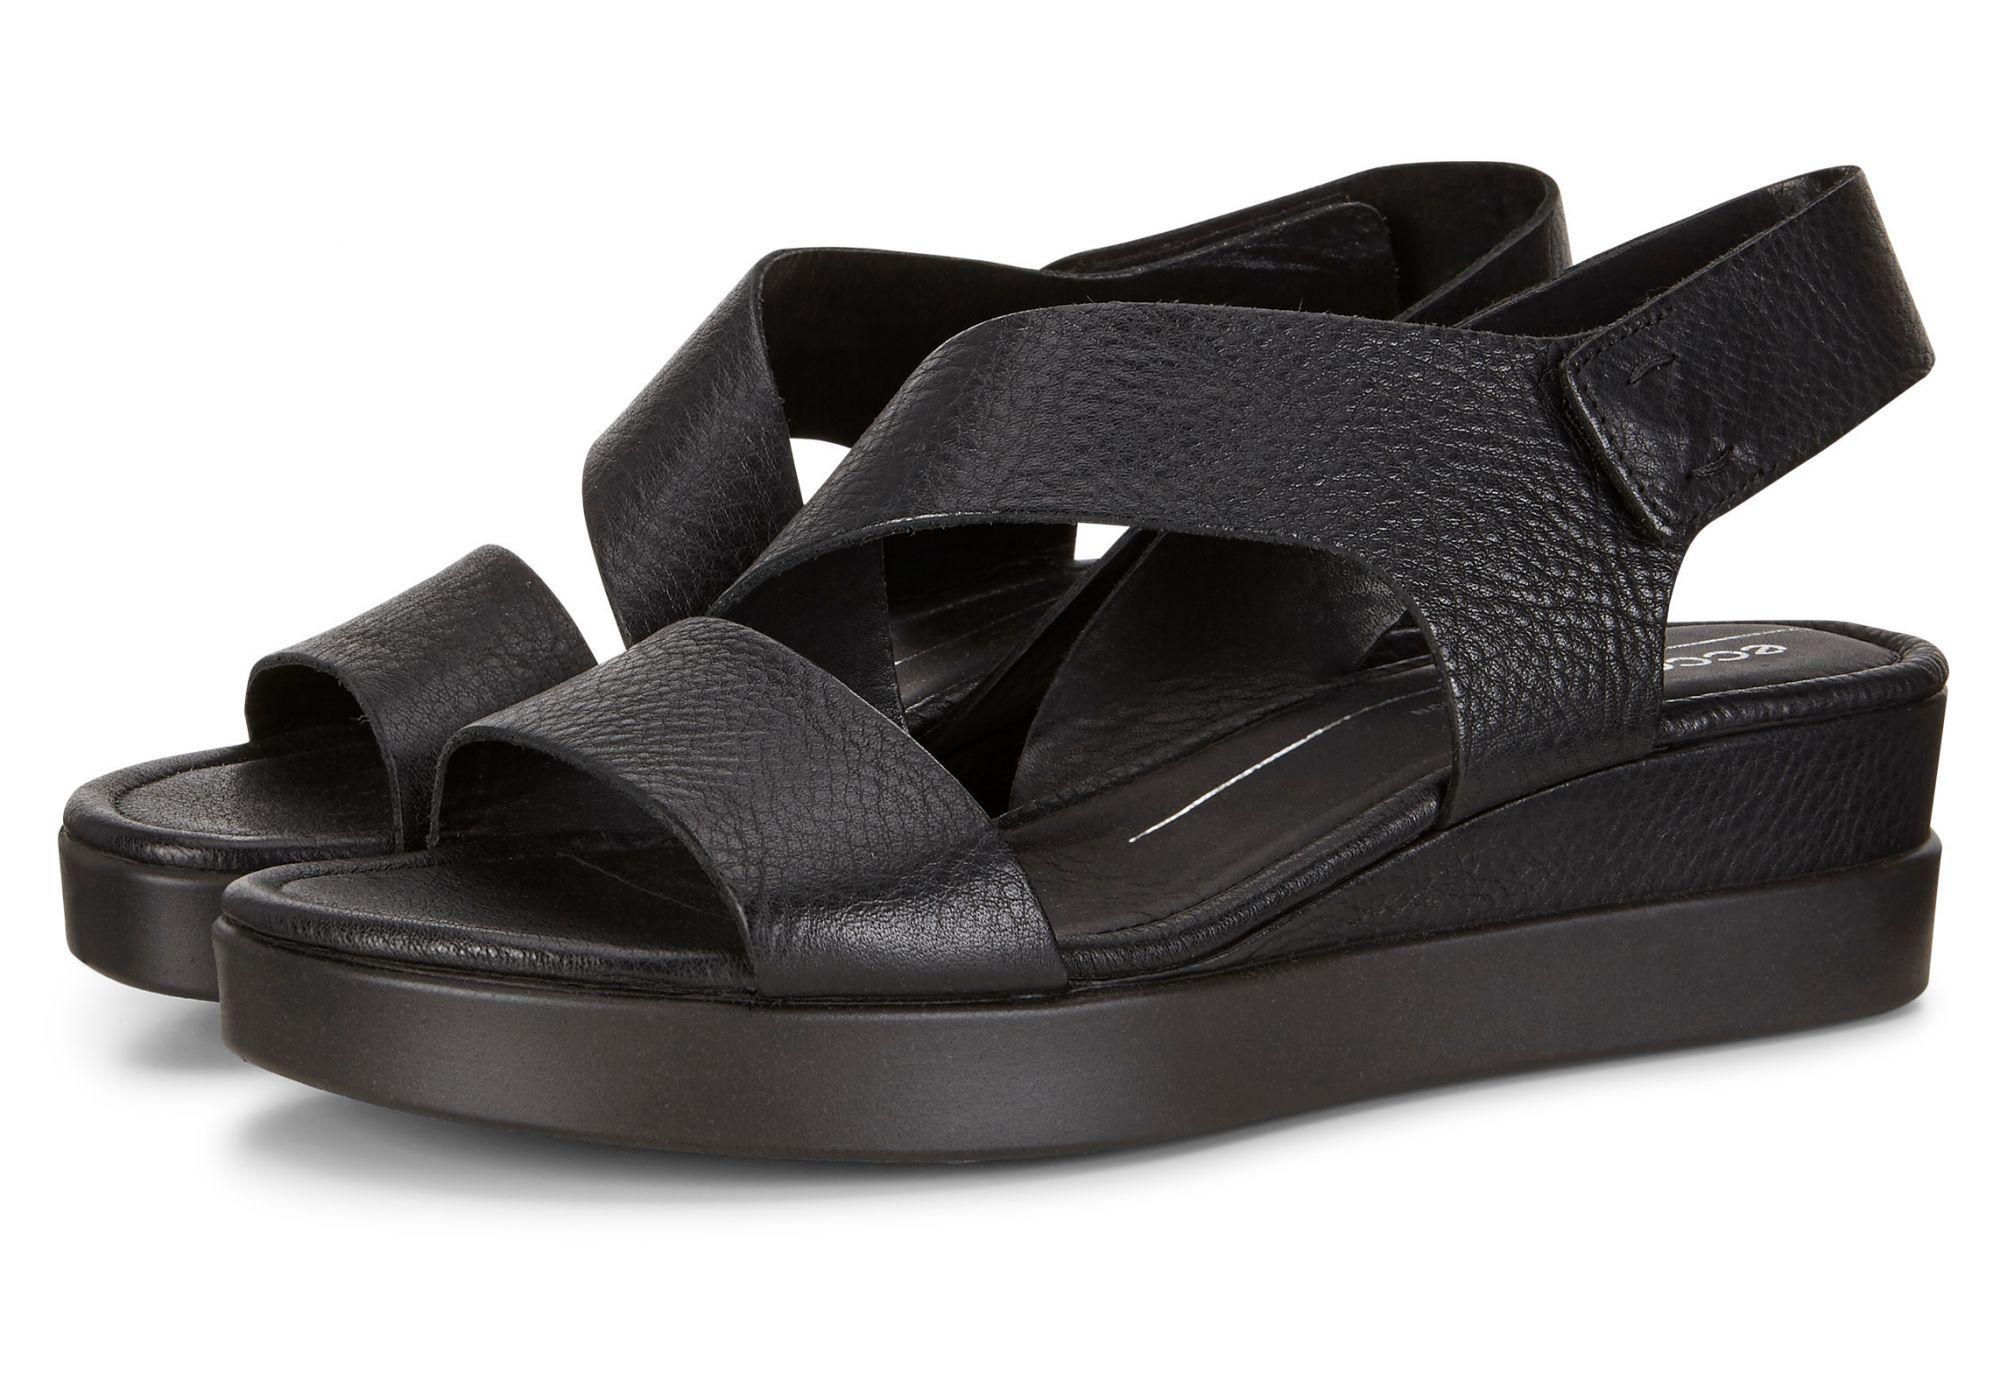 ECCO Touch Sandal Plateau 26040311001 Black - Ladies Formal Sandals